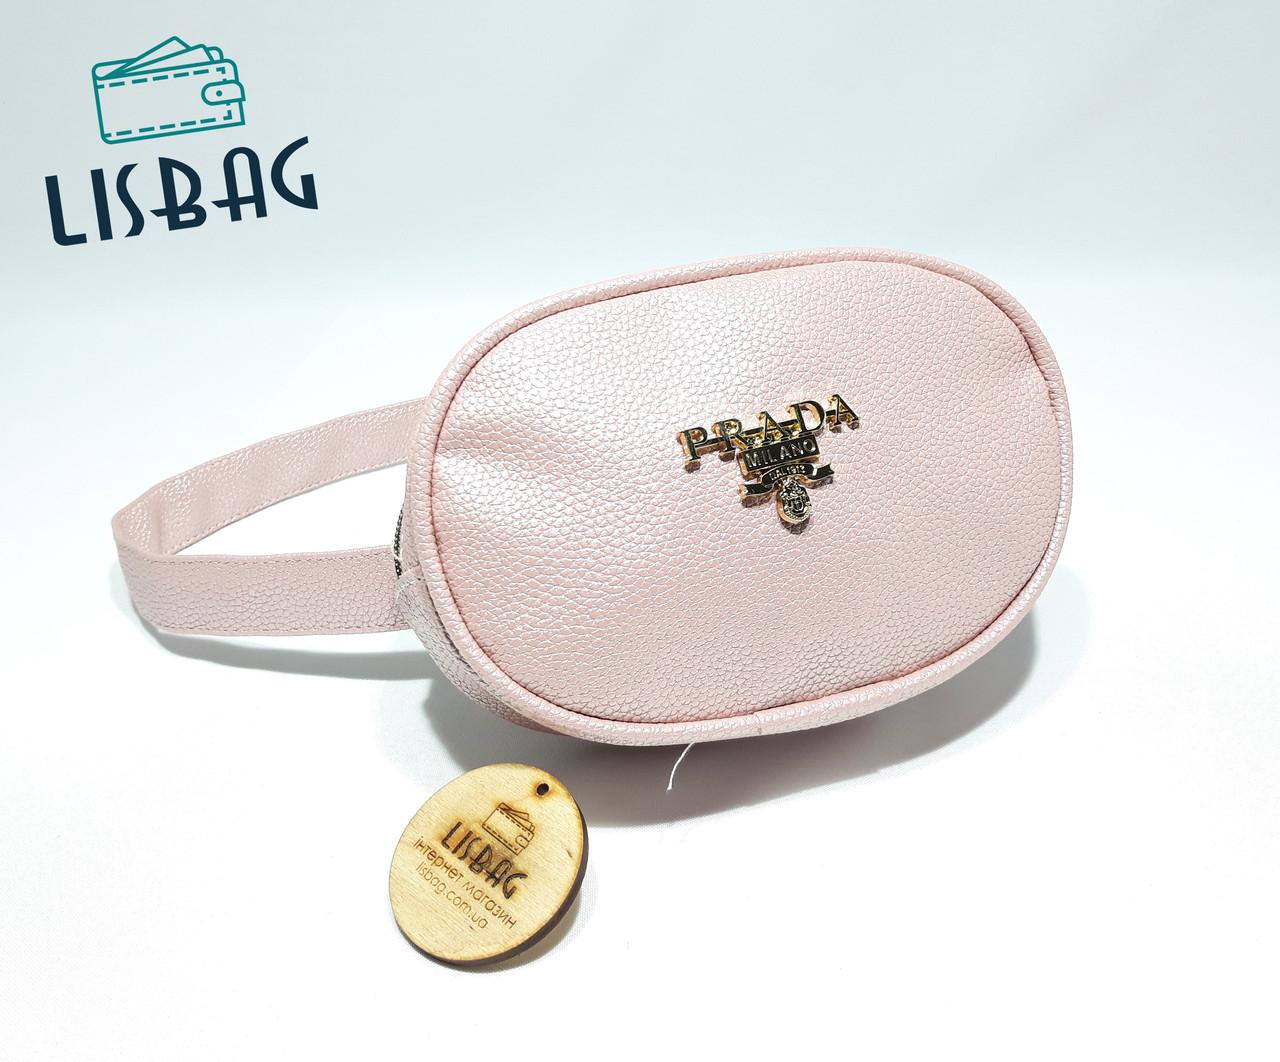 35a928e94c57 Женская повседневная стильная сумка на пояс Prada копия розового цвета